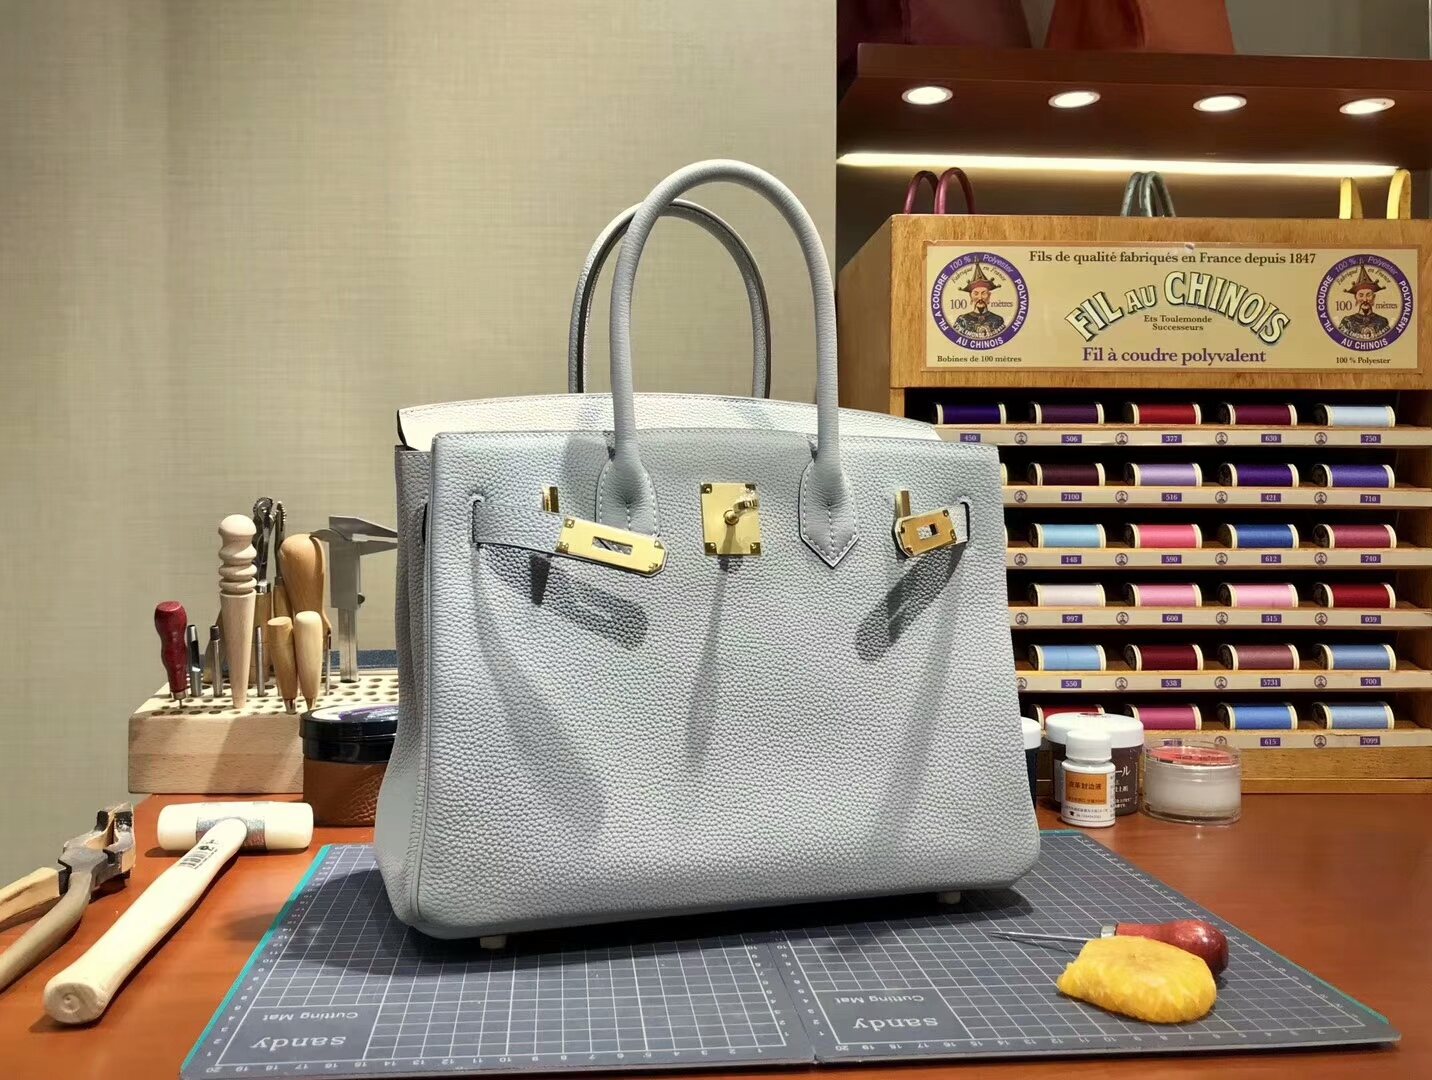 爱马仕 HERMES 铂金包 Birkin 30cm 配全套专柜原版包装 全球发售 珍珠灰 cc80 pearl grey